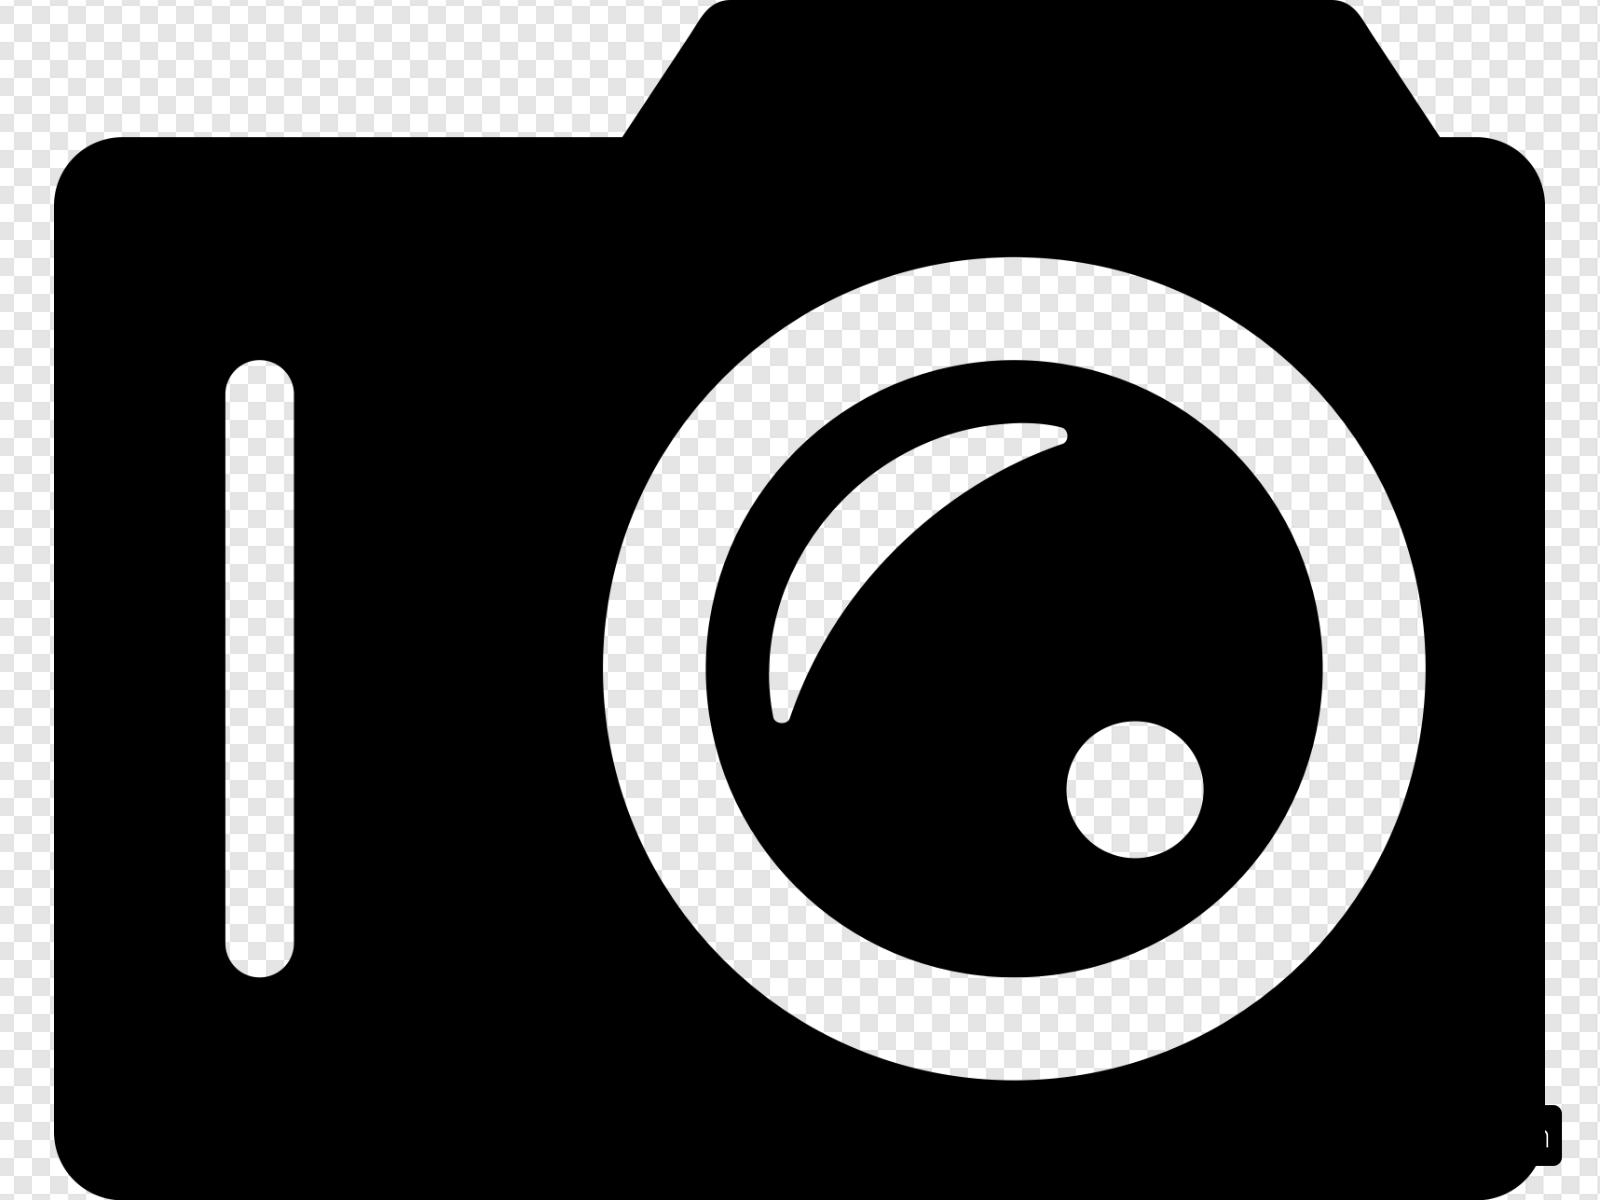 Black Camera Clip art, Icon and SVG.